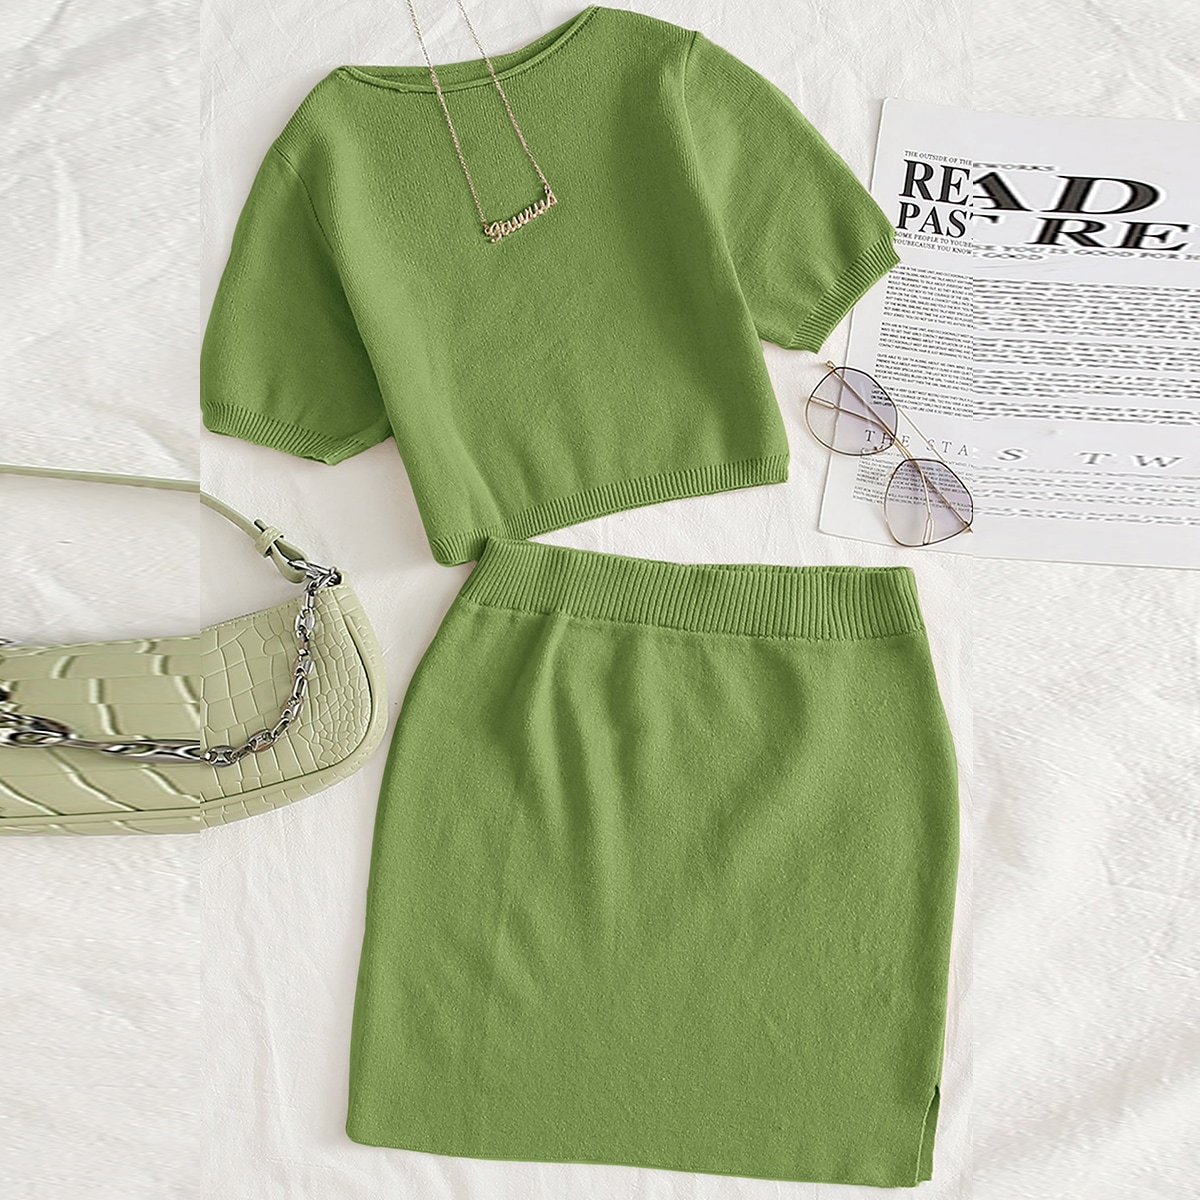 Conjunto suéter corto delgado unicolor con falda tejida bajo con abertura